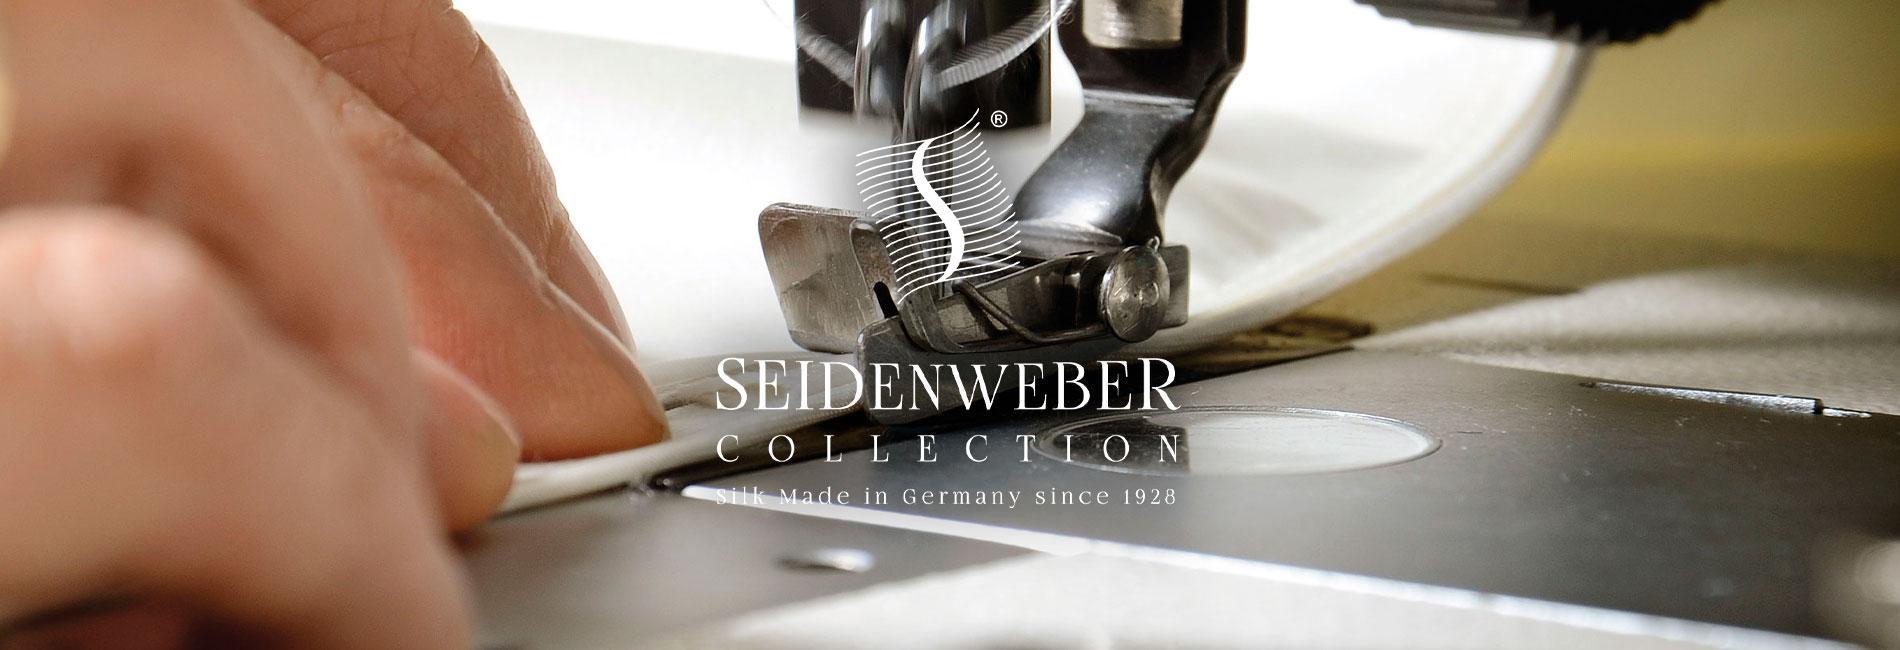 Plauener Seidenweberei GmbH Leistungsspektrum